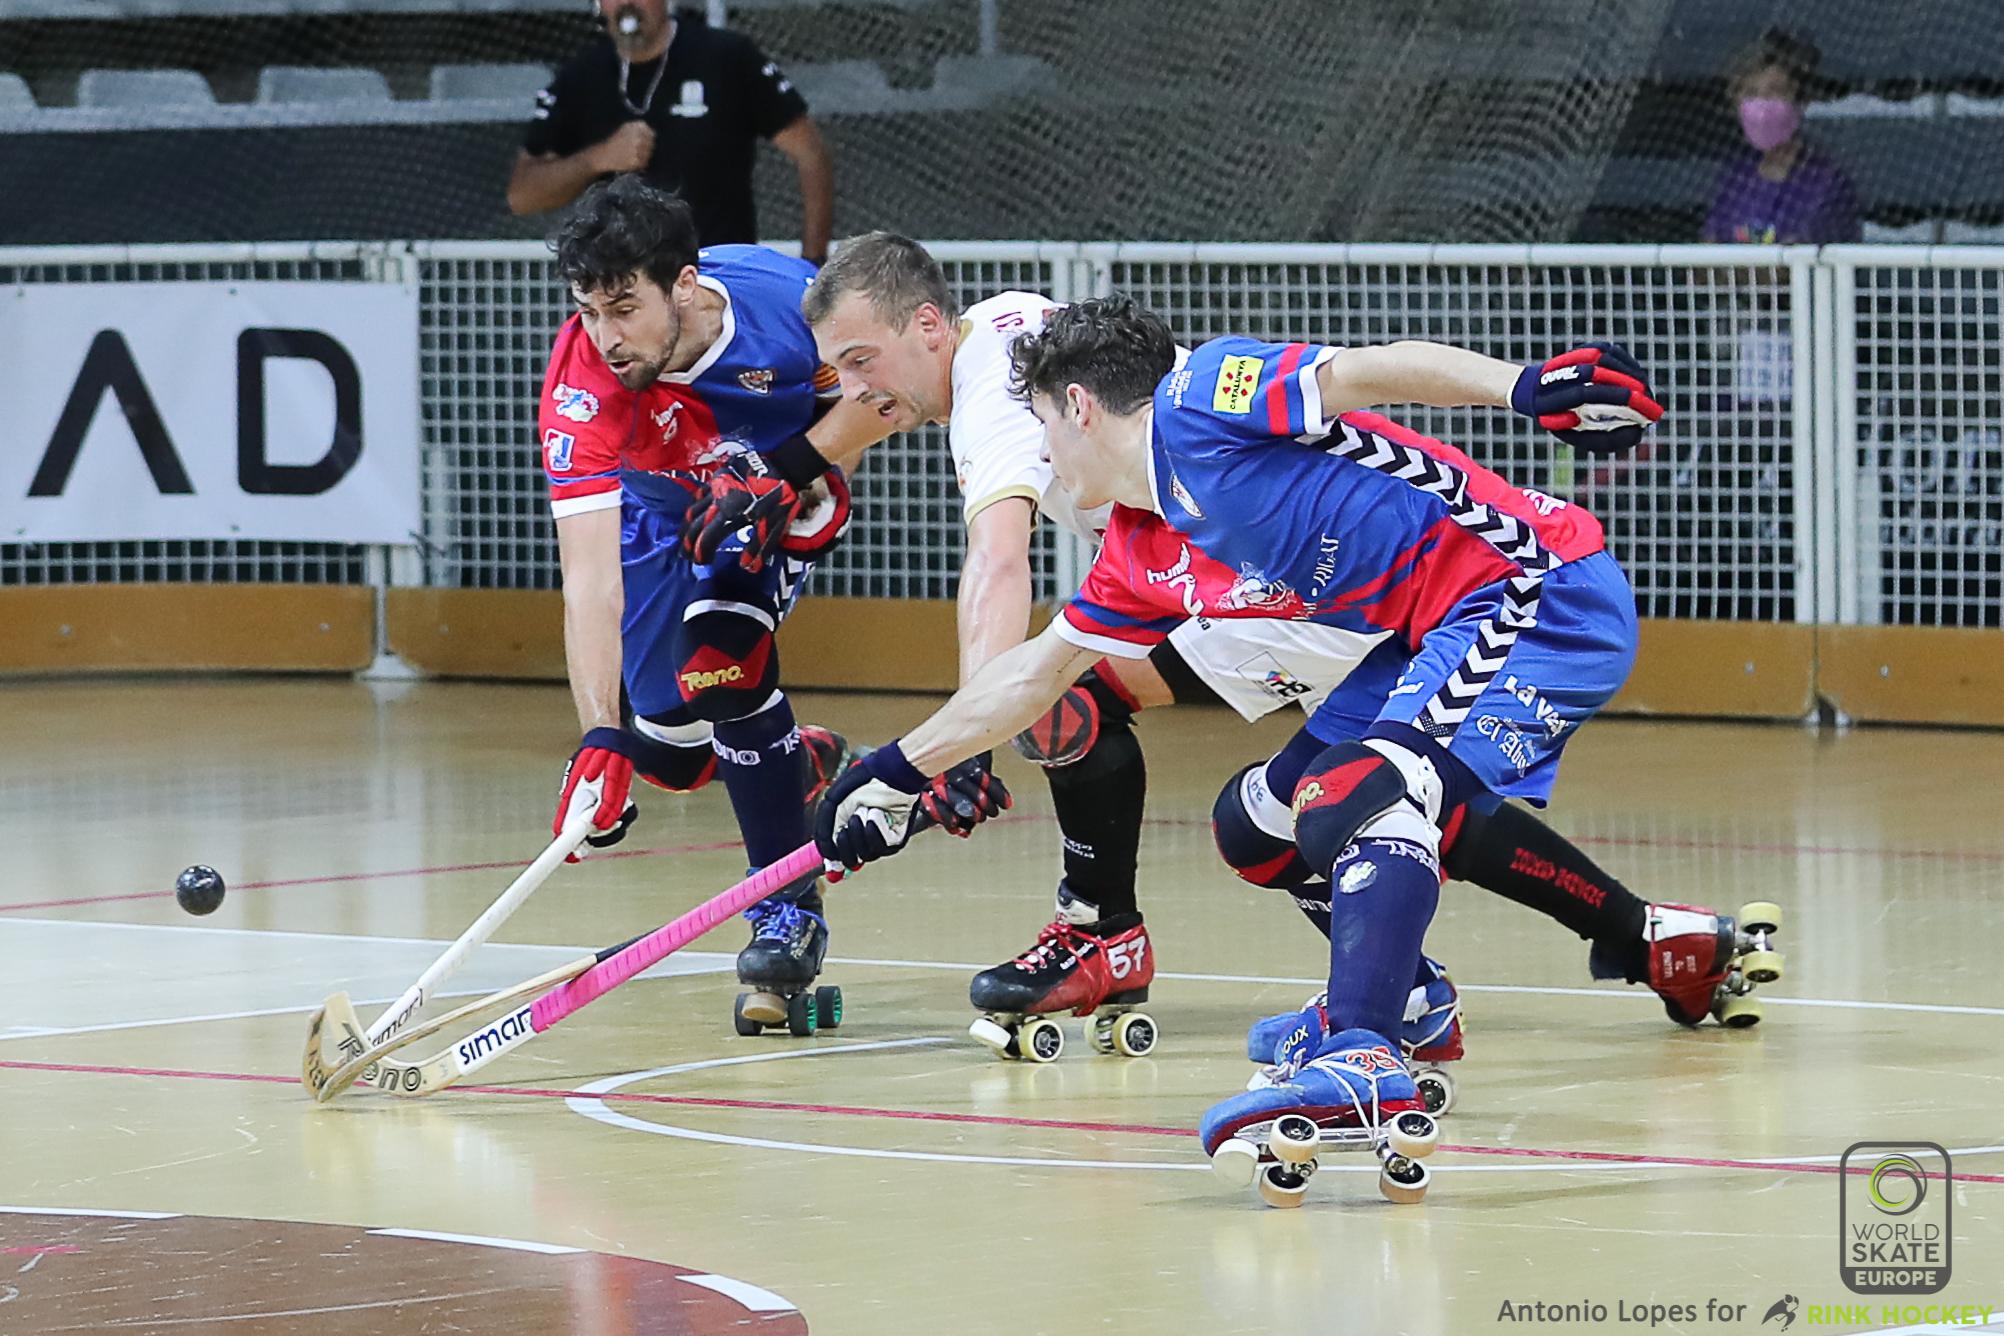 PHOTOS - 18-06-2021 - WS EUROPE CUP - Match #022 - H. Sarzana (IT) x Igualada HC (SP)